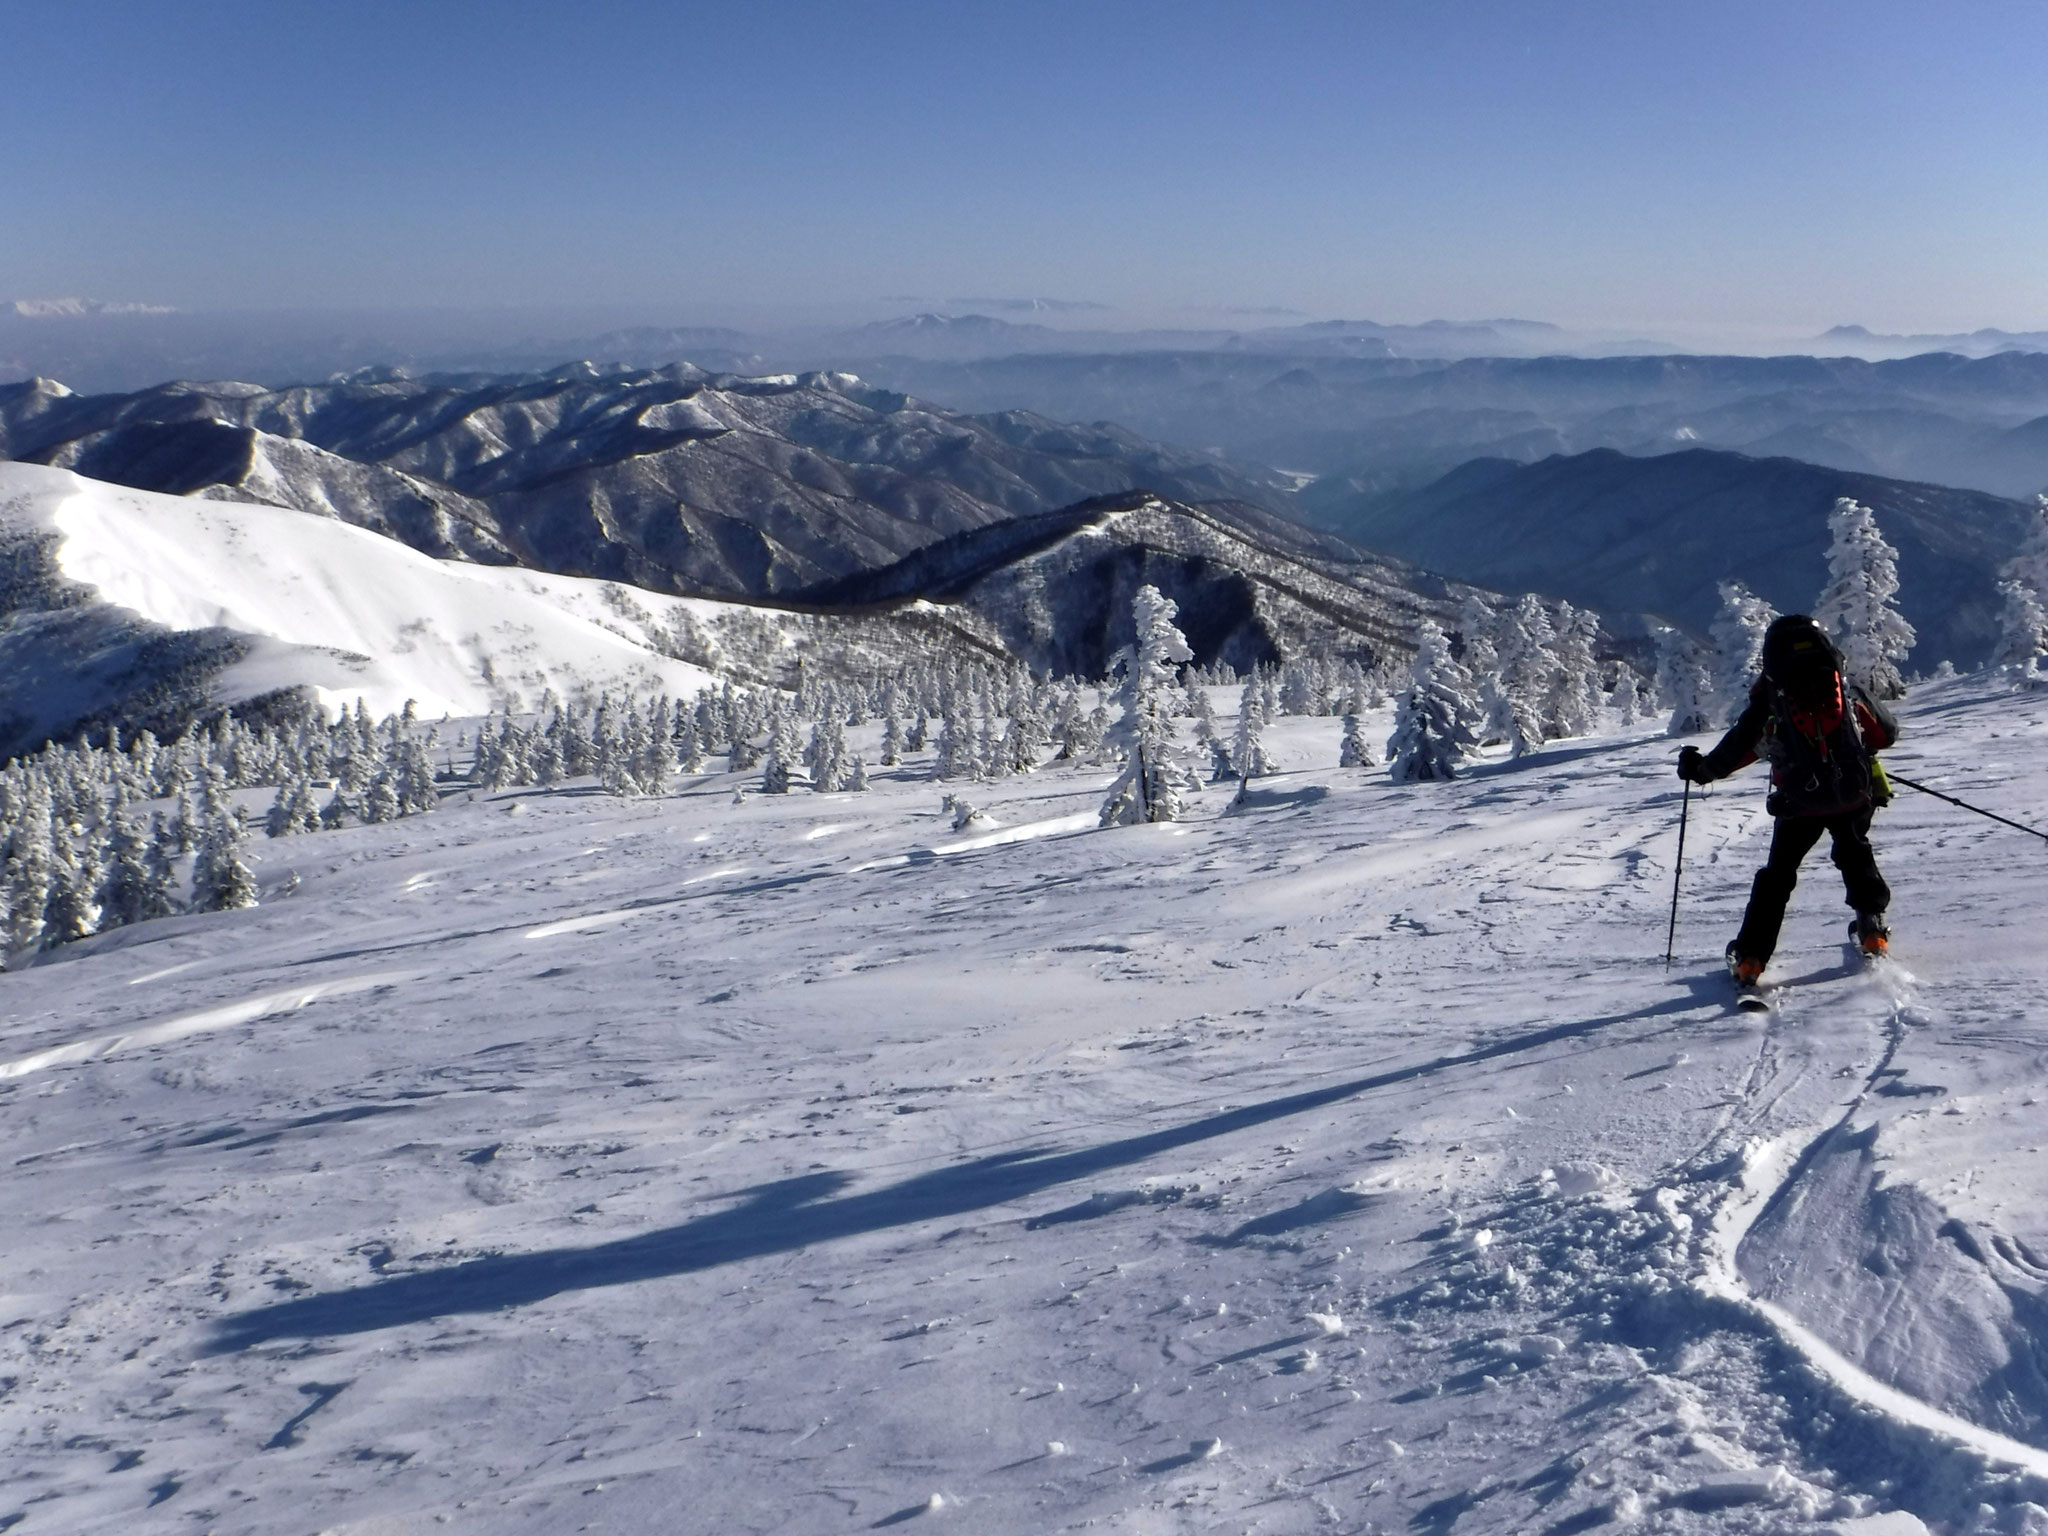 8:00 三岩岳山頂からの滑降